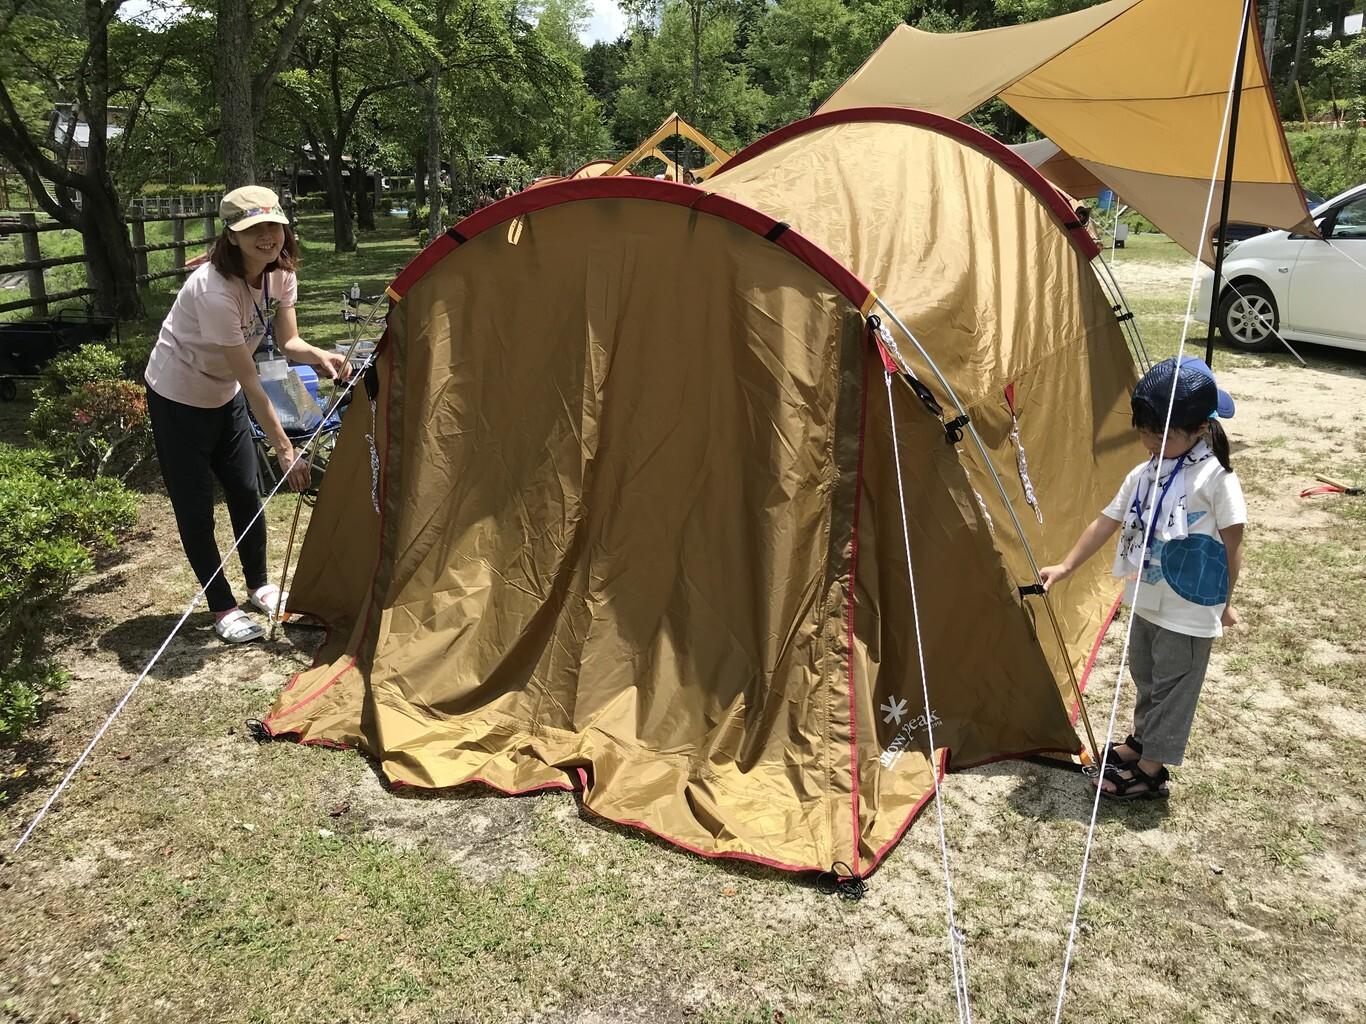 椛の湖オートキャンプ場 の写真p11020